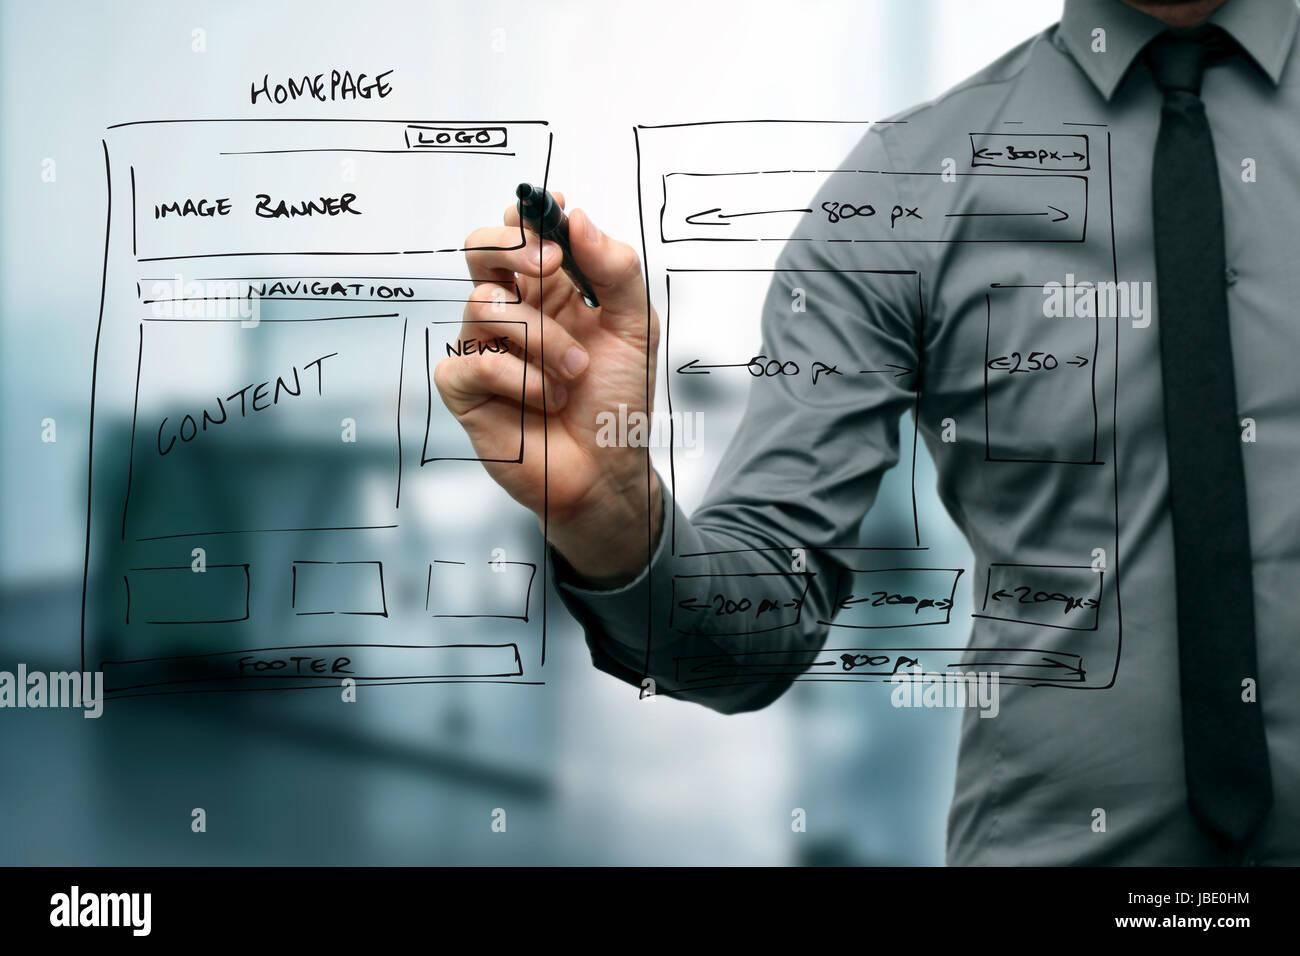 Ausgezeichnet Maschendrahtbetonstrukturen Ideen - Der Schaltplan ...